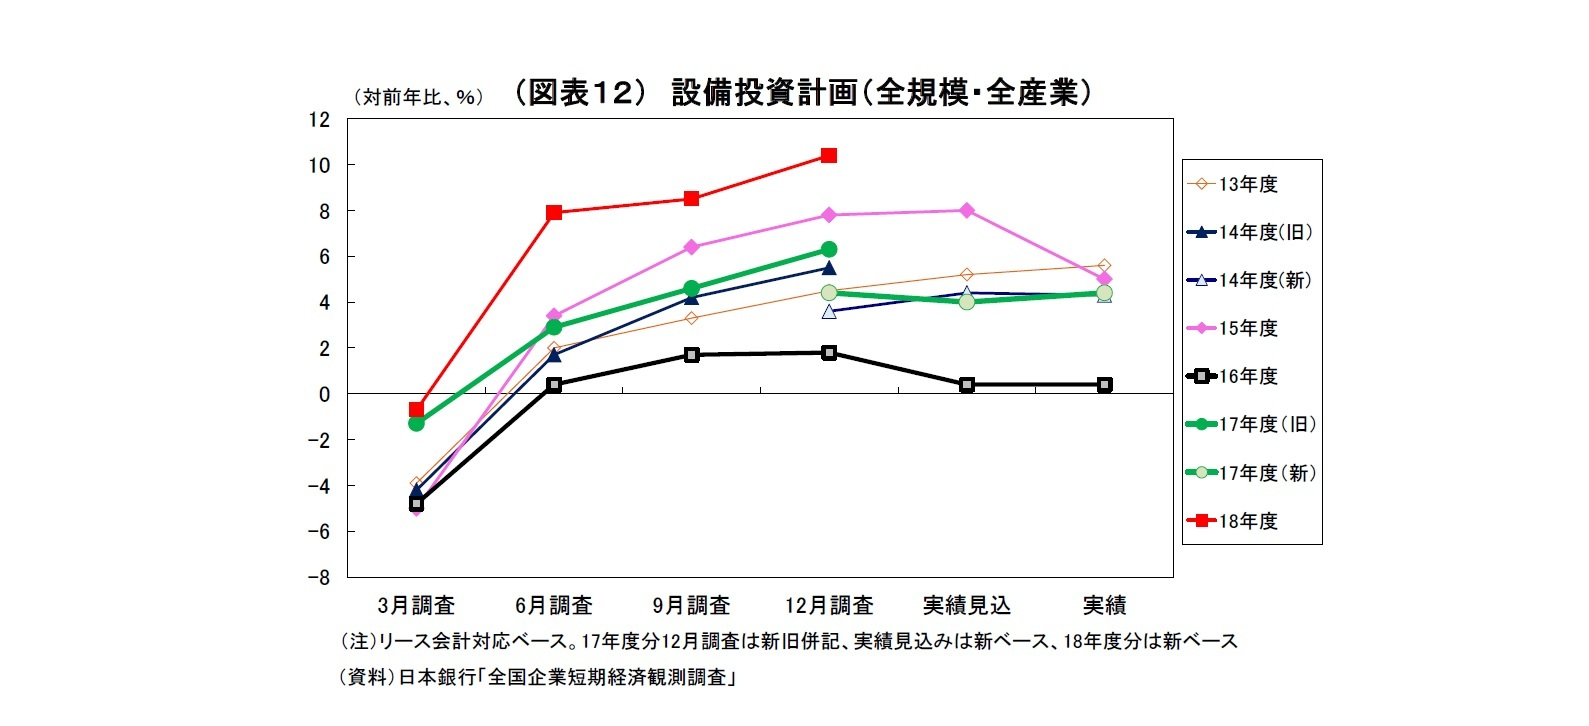 (図表12) 設備投資計画(全規模・全産業)